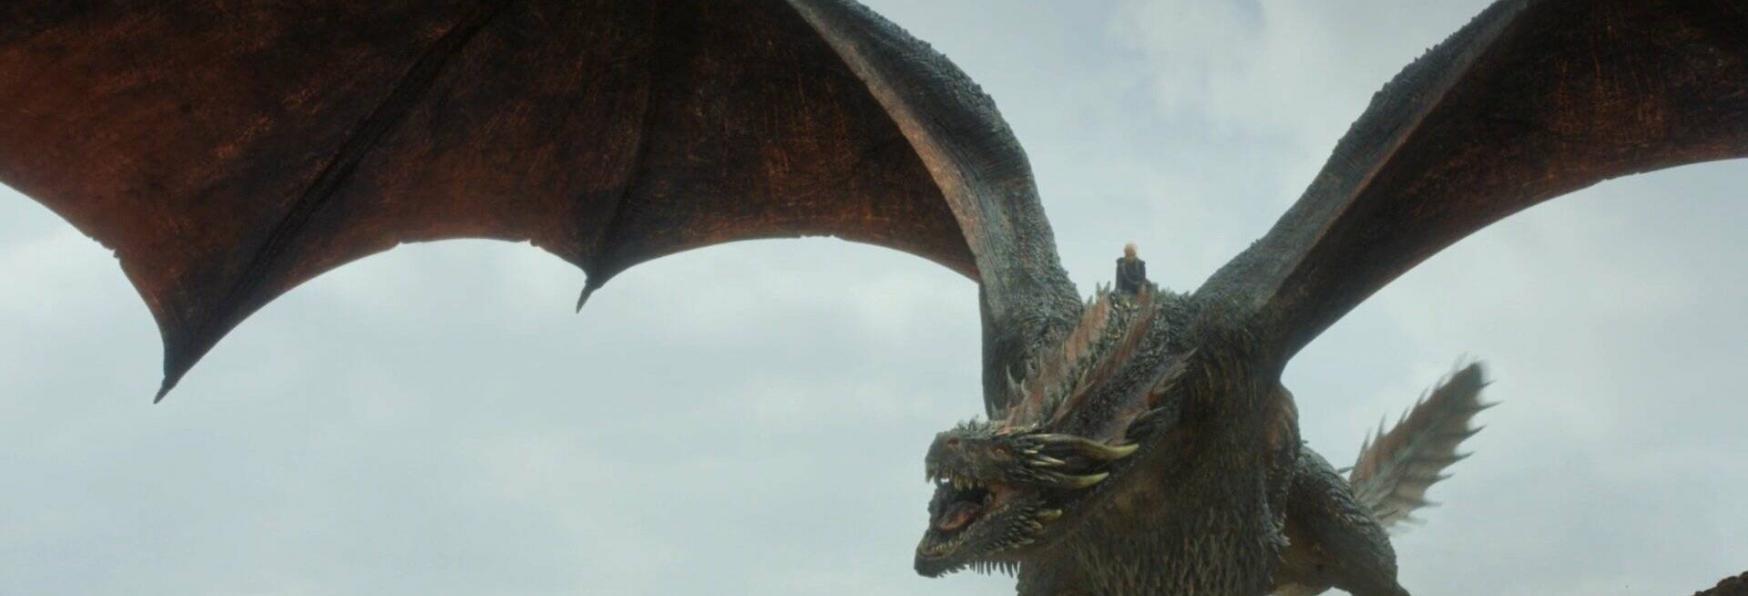 House of the Dragon: Fabien Frankel entra nel Cast della Serie Spin-off di Game of Thrones. Tutti gli Aggiornamenti